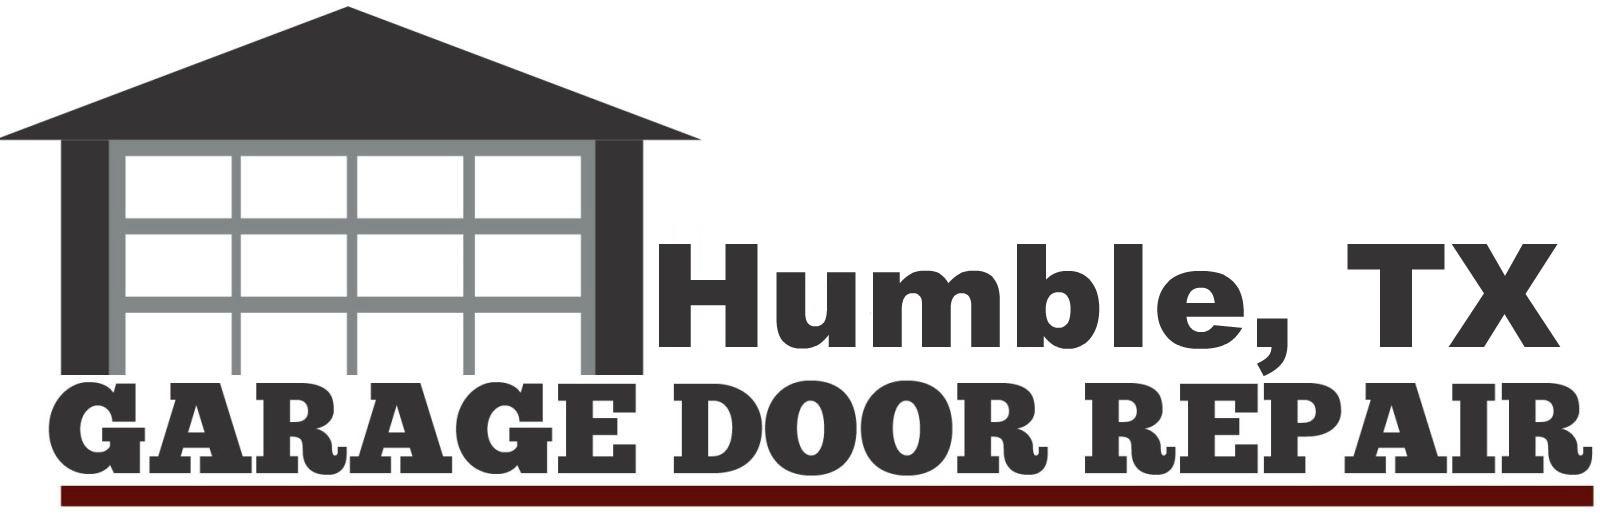 Garage door repair humble armadillo garage door repair for Garage door humble tx